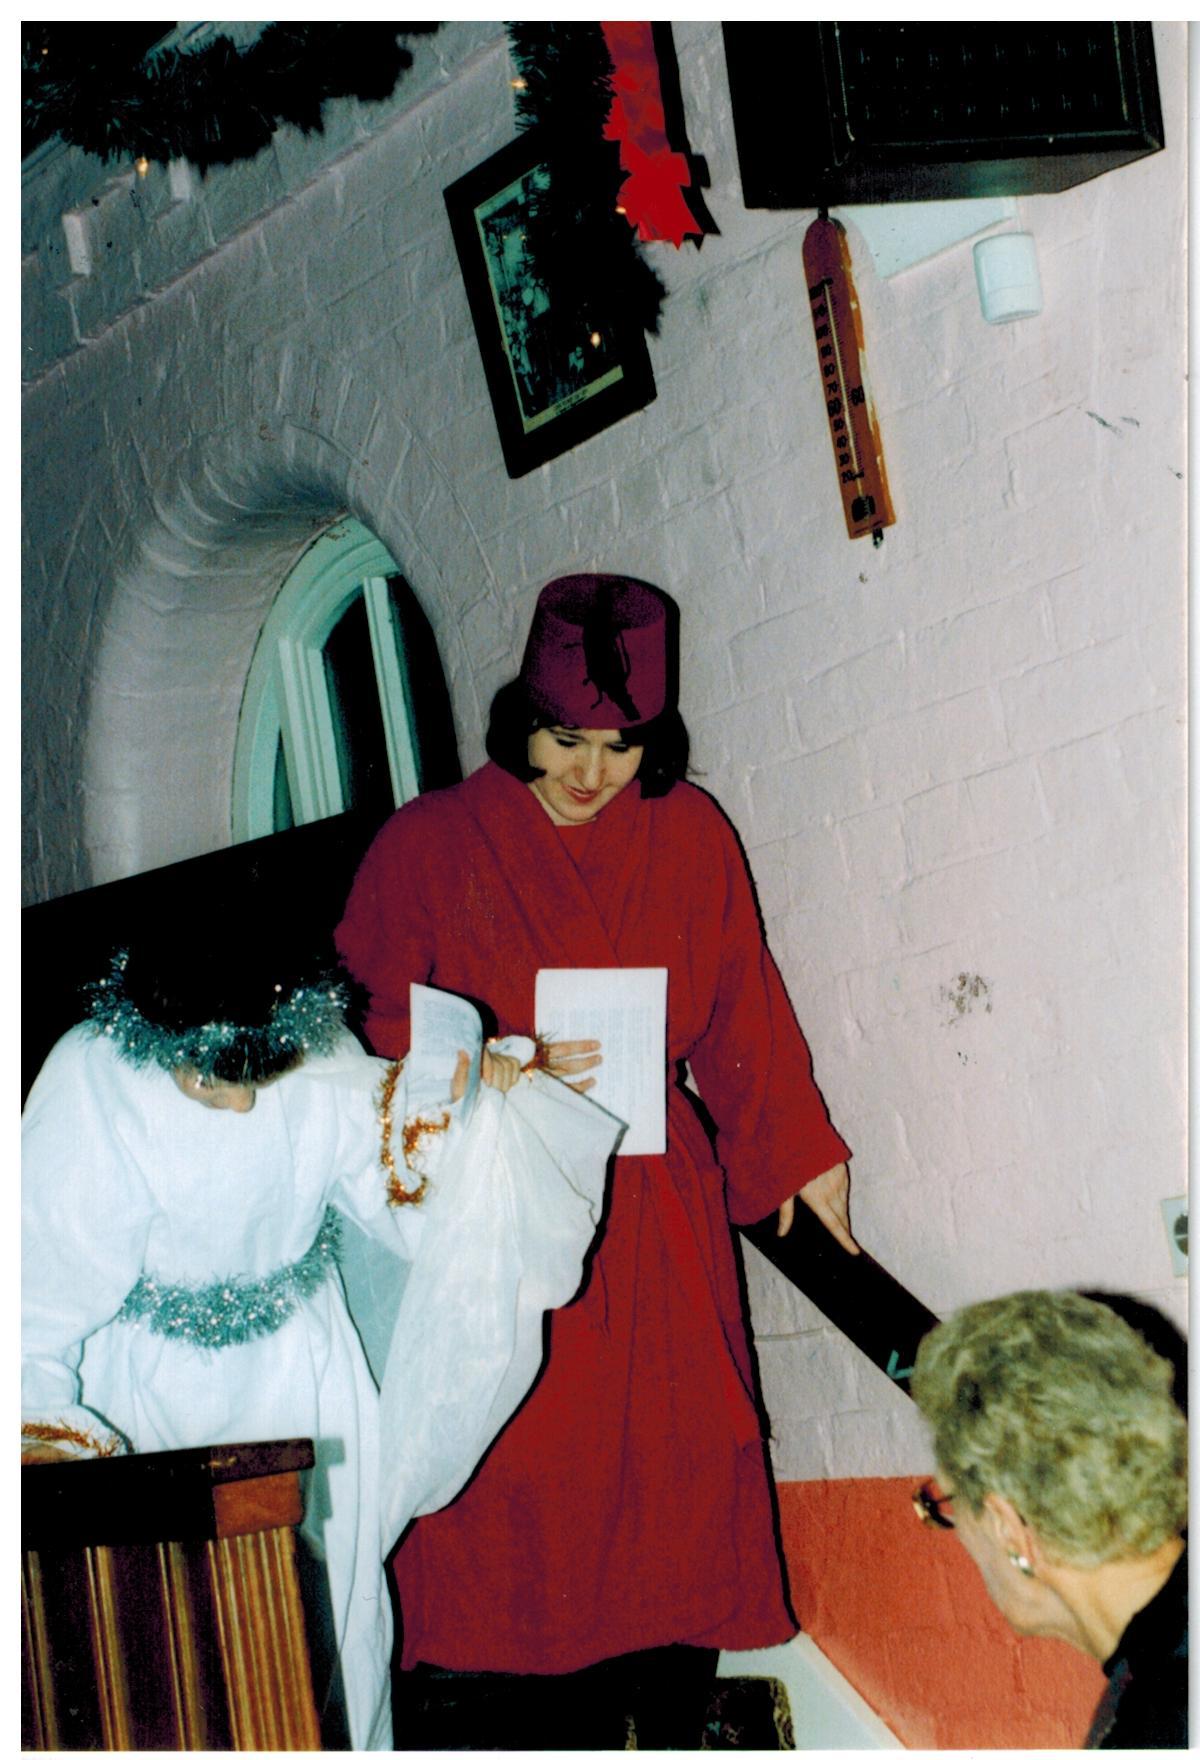 I274_Nativity-1996